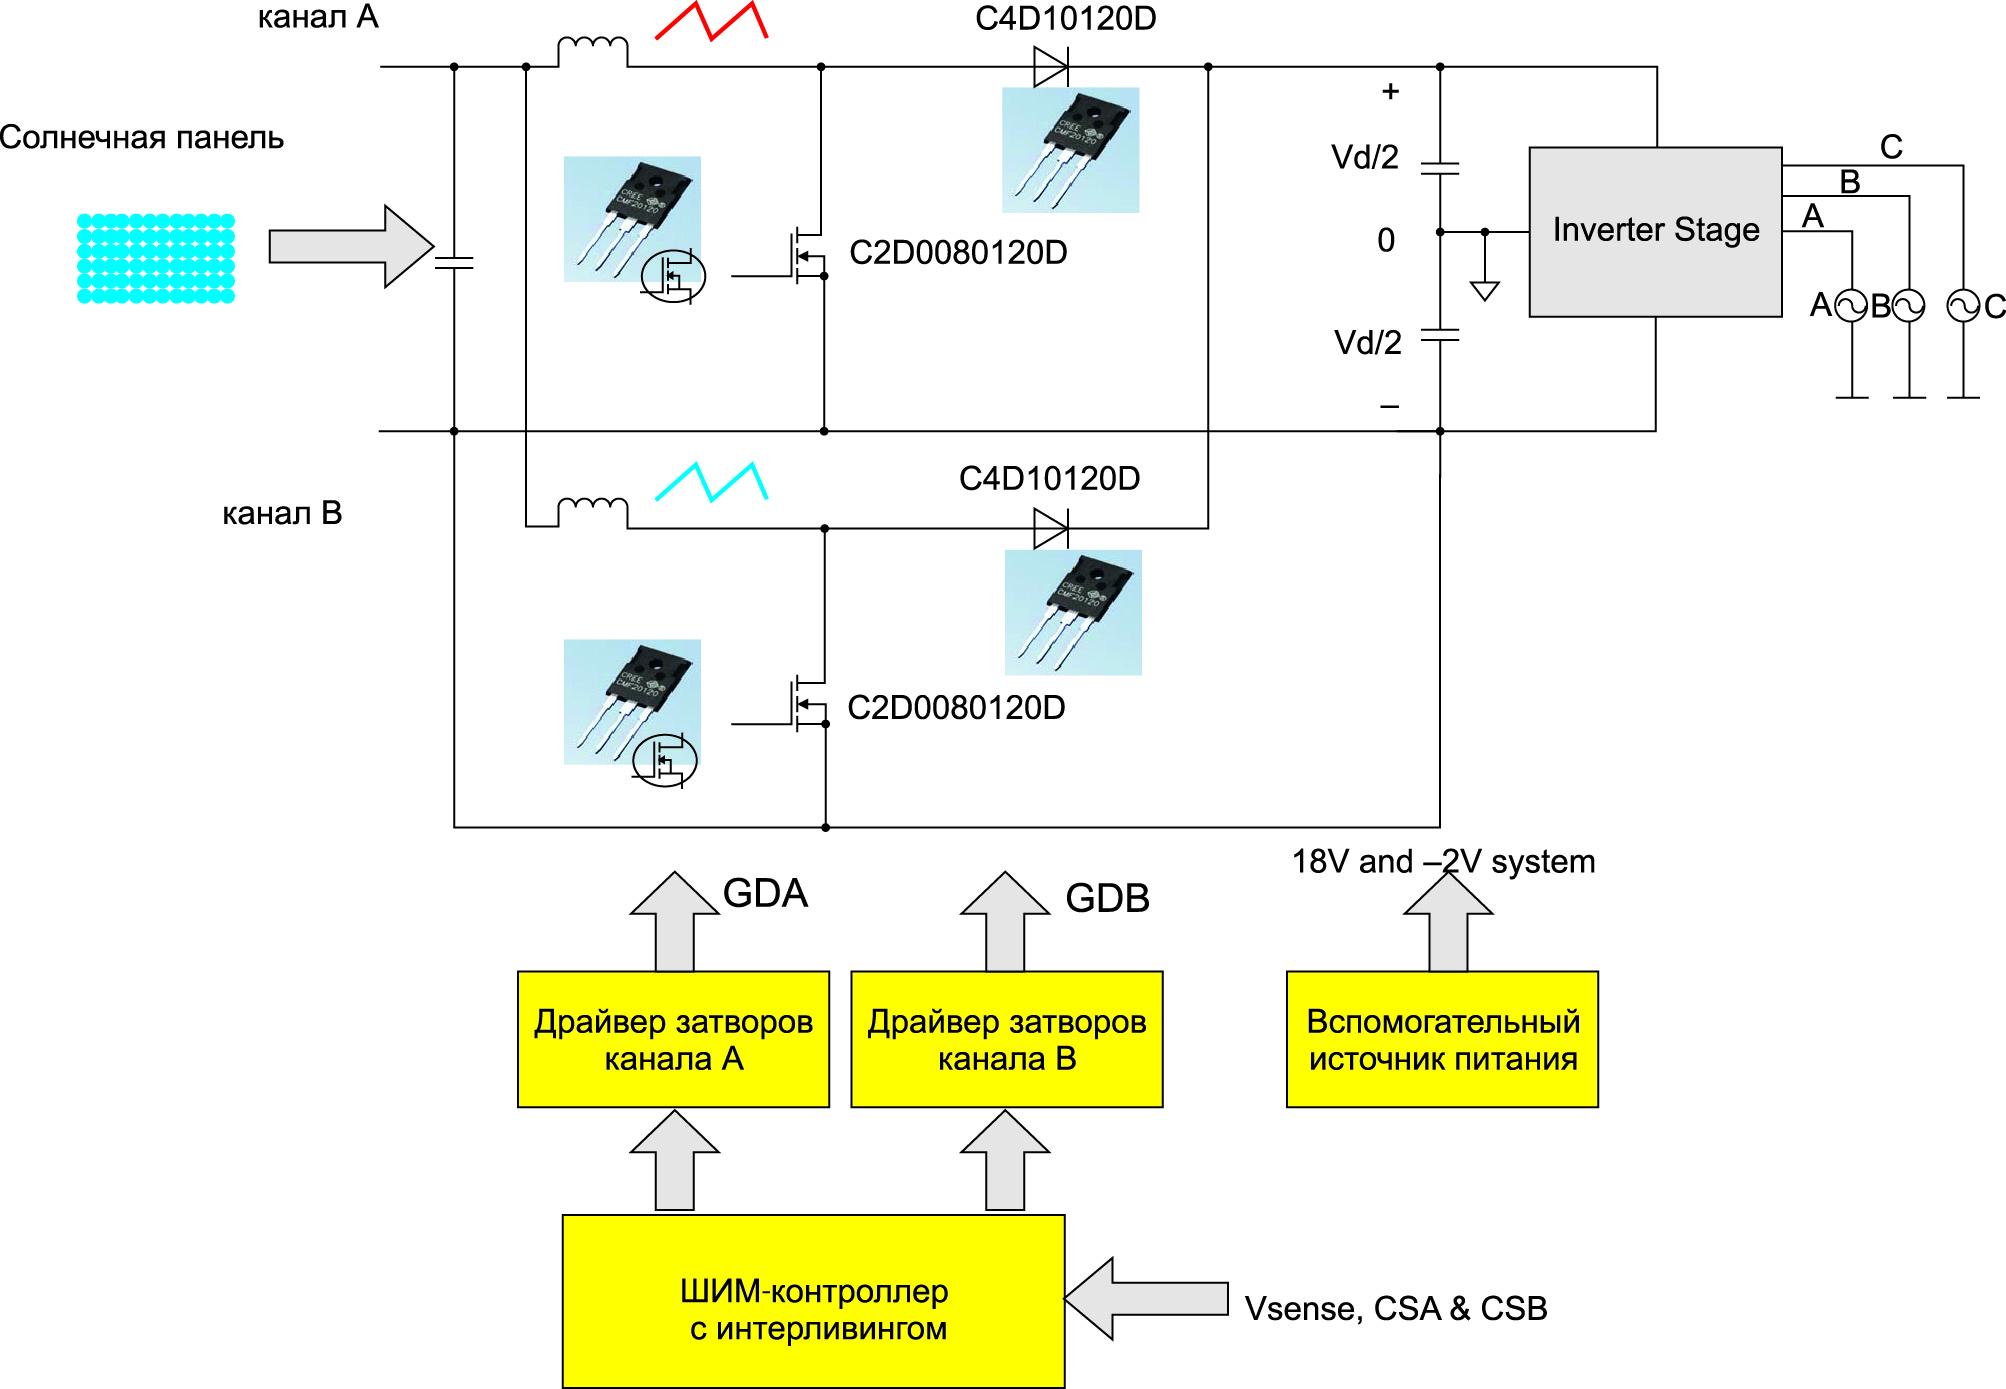 Повышающий конвертер мощностью 10 кВт в режиме чередования фаз на частоте 100 кГц